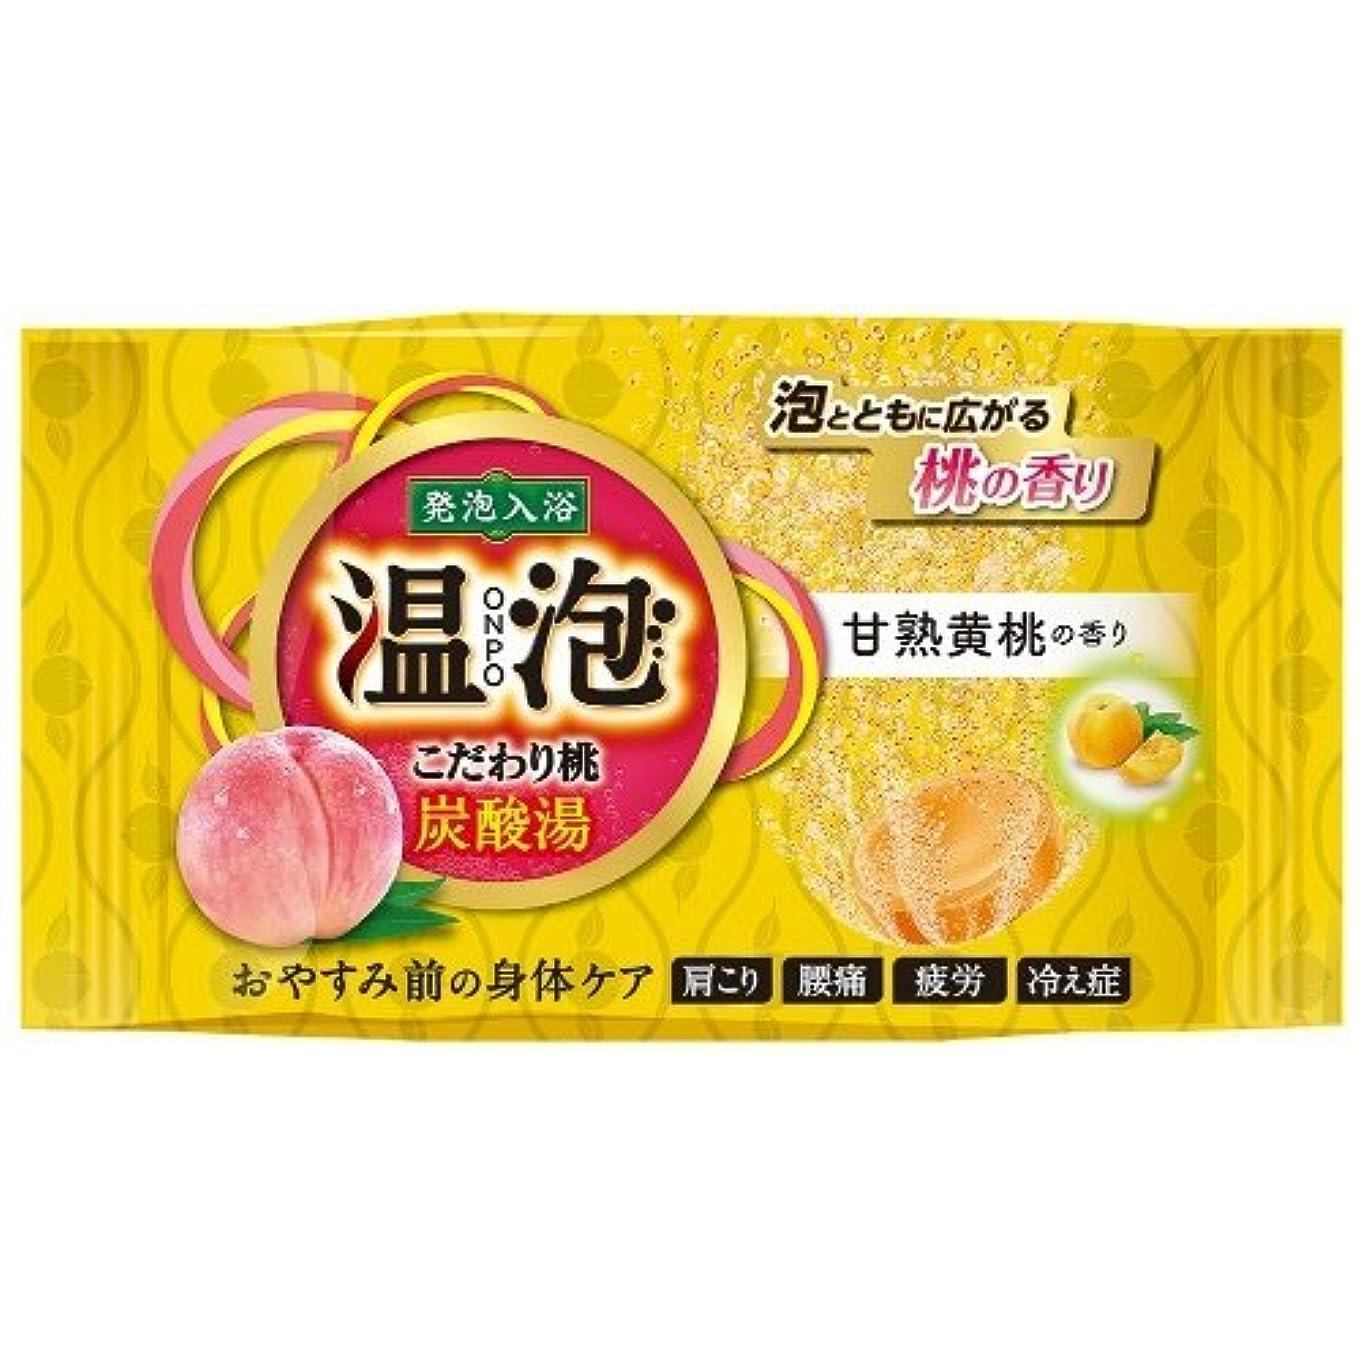 アジア人立法非アクティブ温泡こだわり桃炭酸湯甘熟黄桃1錠